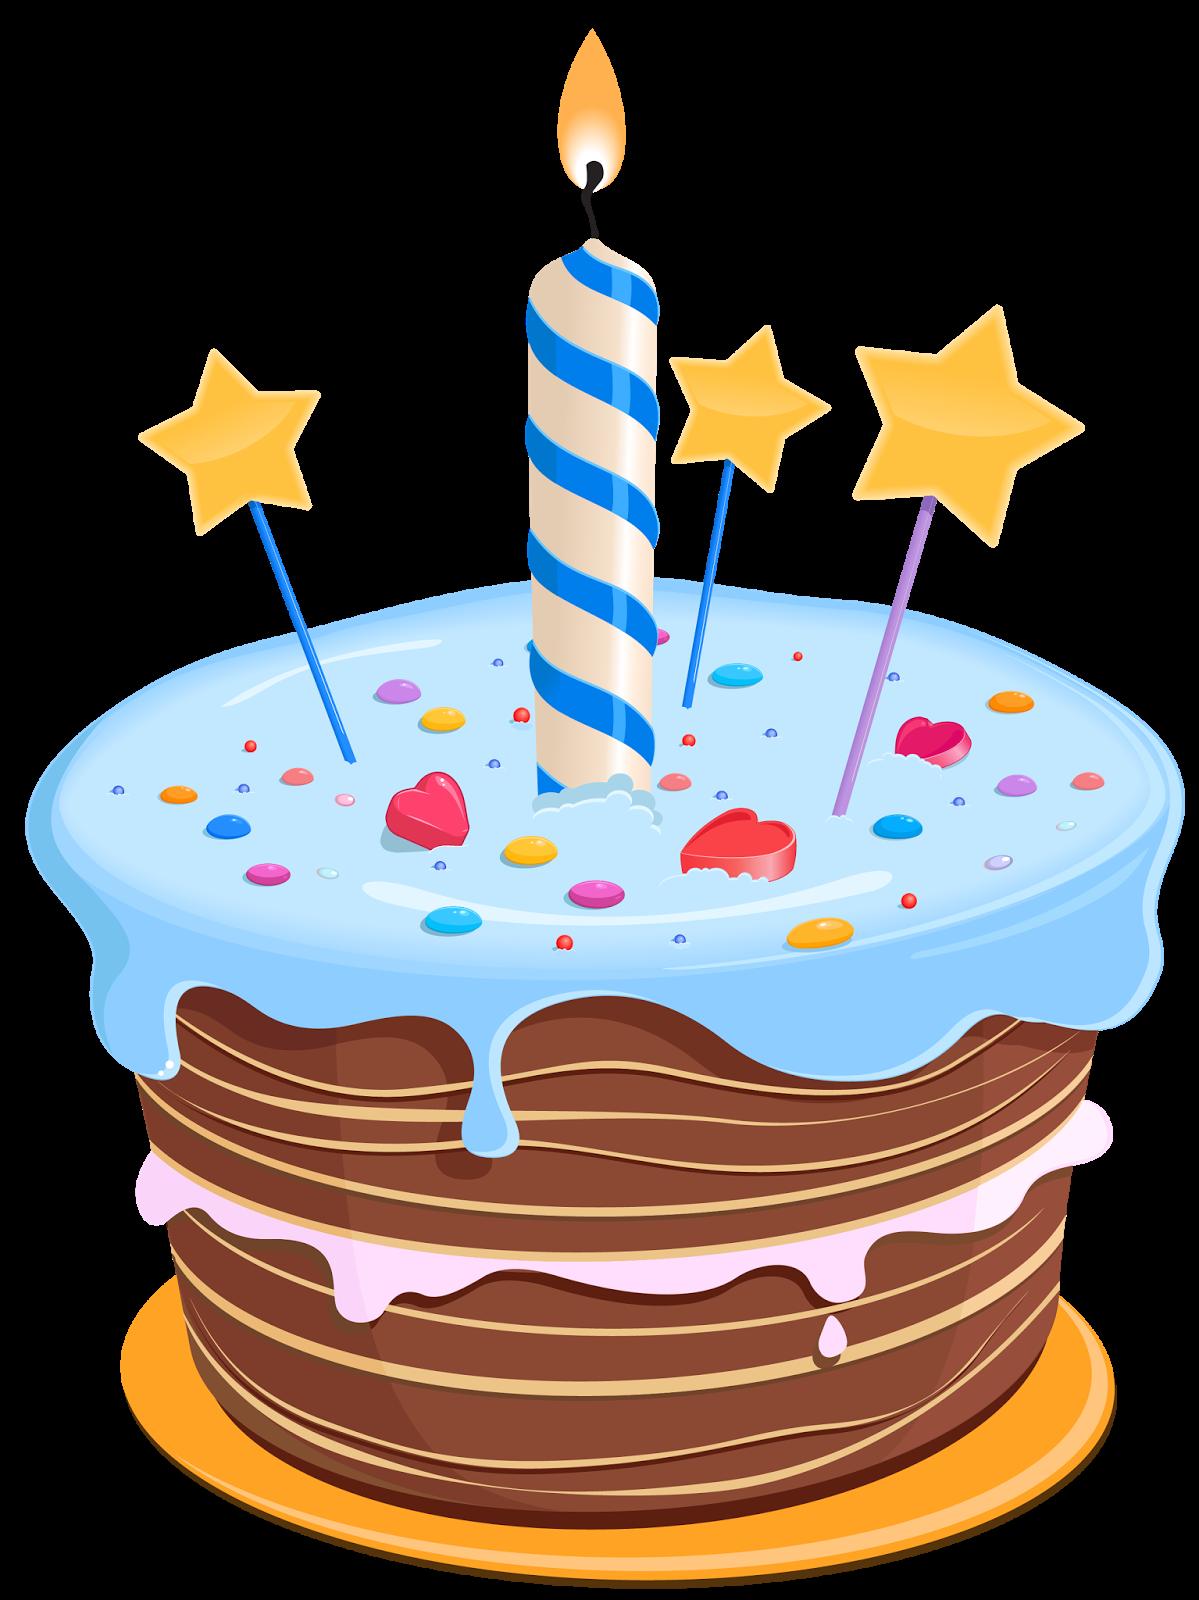 immagini torta di compleanno illustrazioni e clip art compleanno rh pinterest com clip art cake photos clip art cake images